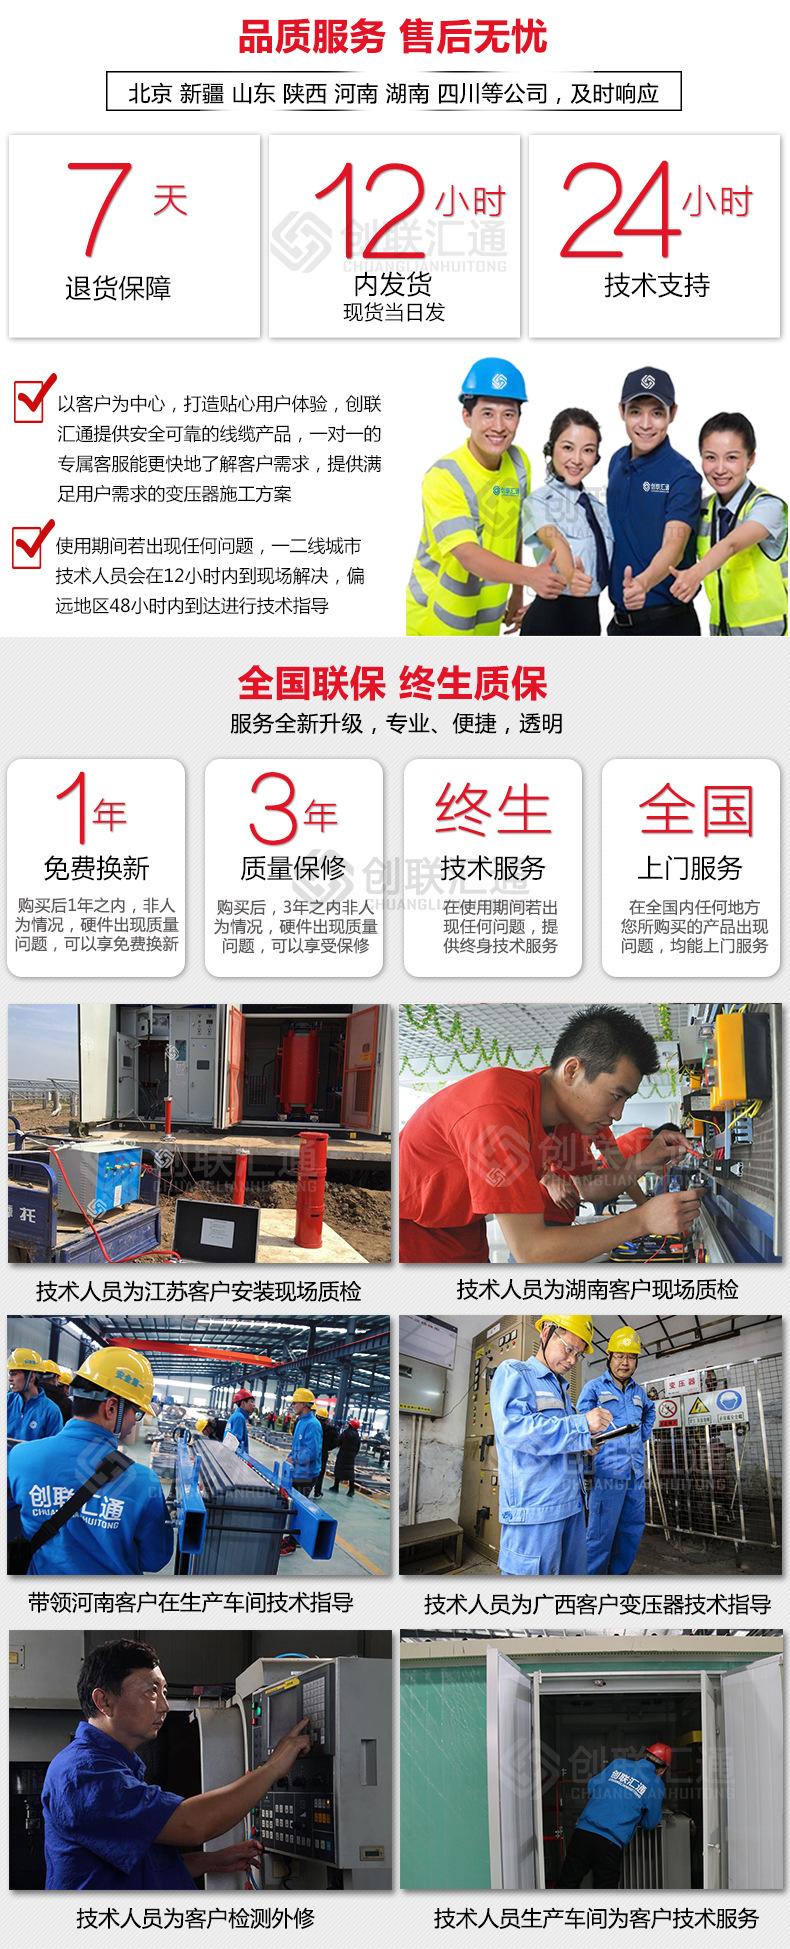 箱式变电站厂家 专业生产各类型号箱式变压器 定制型箱式变压器-创联汇通示例图10